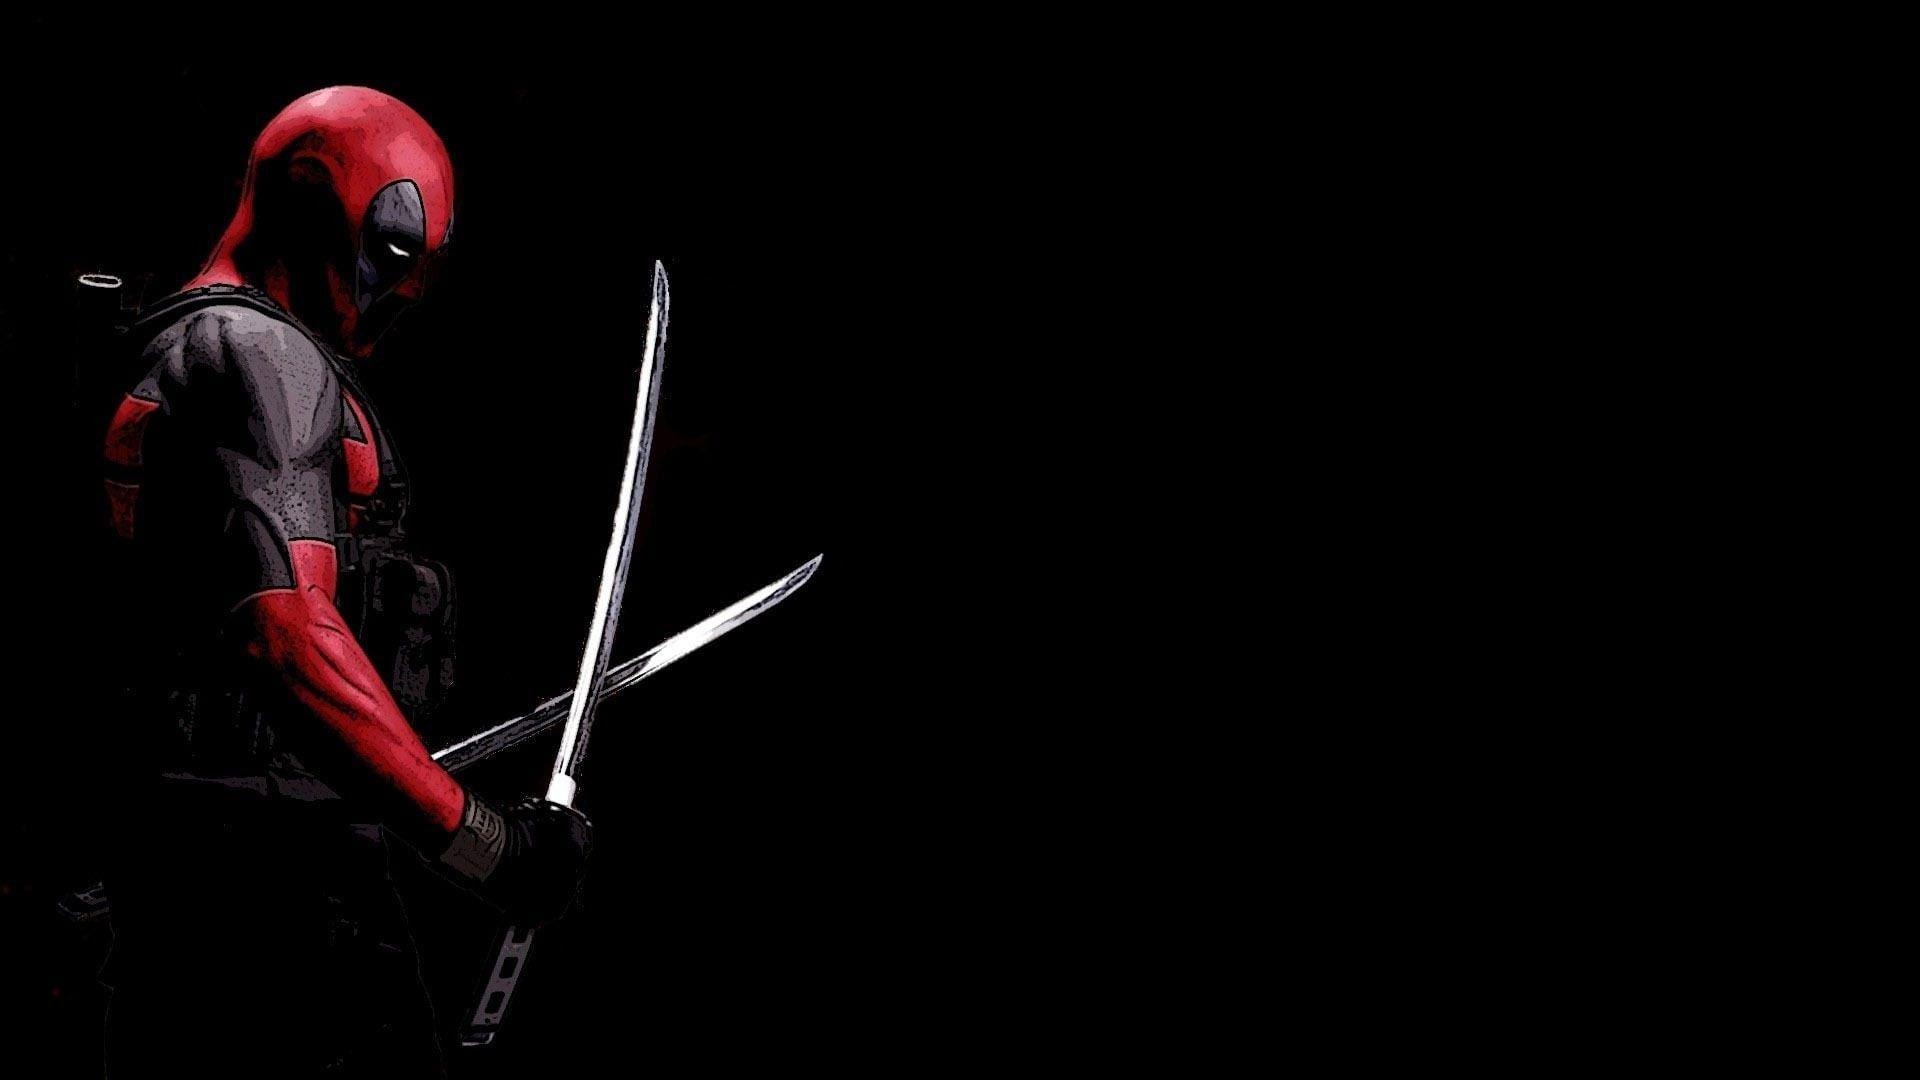 4k Deadpool Wallpapers Top Free 4k Deadpool Backgrounds Wallpaperaccess Deadpool Wallpaper Desktop Deadpool Hd Wallpaper Ninja Wallpaper